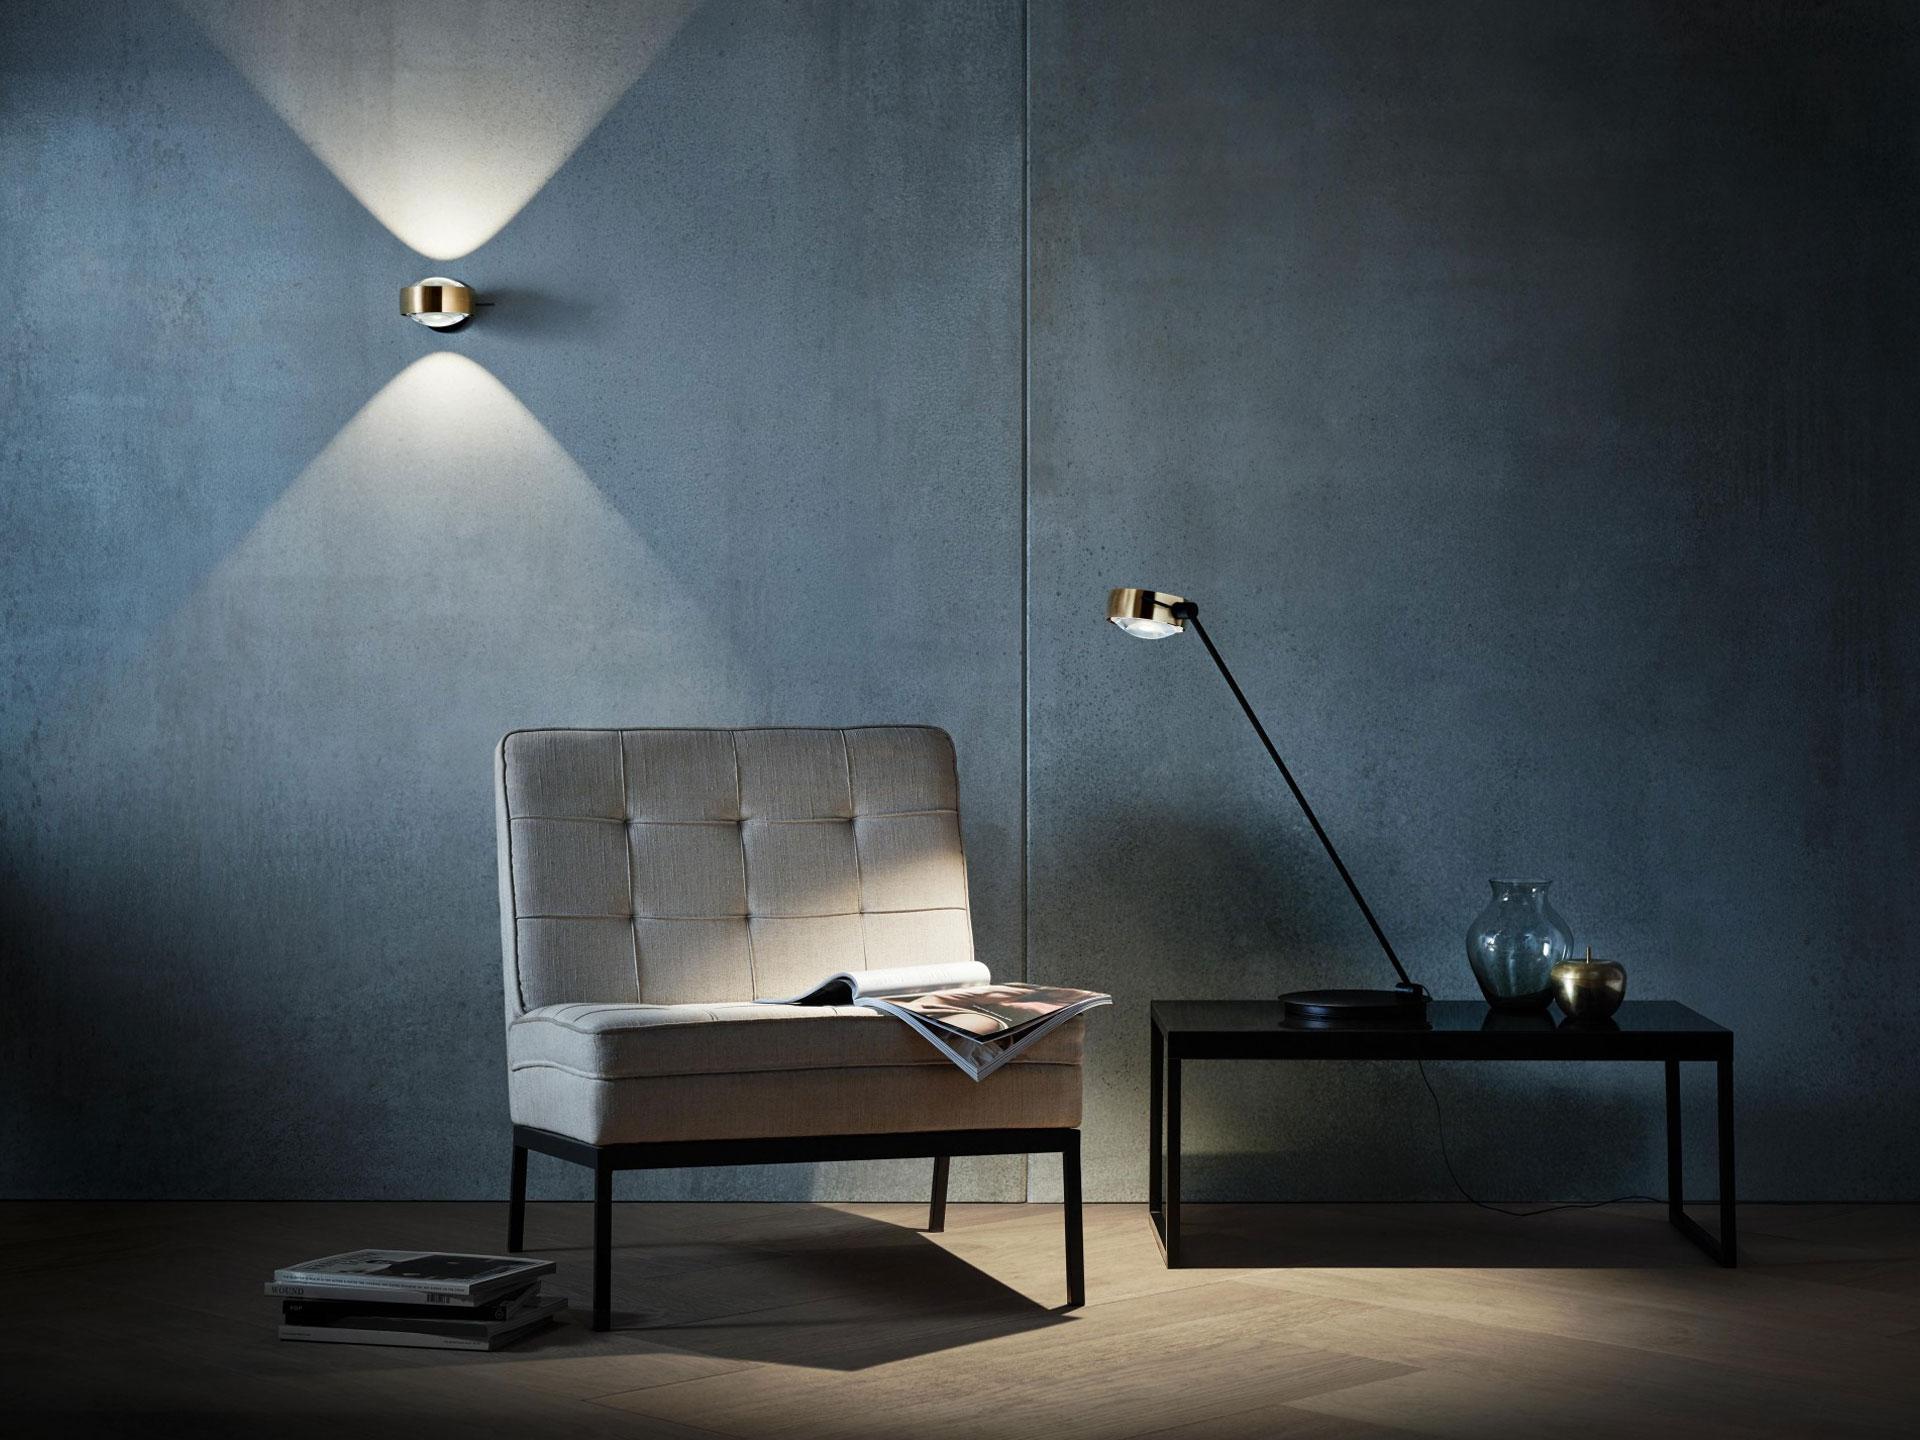 Designer LED-Wandleuchte Occhio Sento verticale über einer Sitzgelegenheit an der Wand